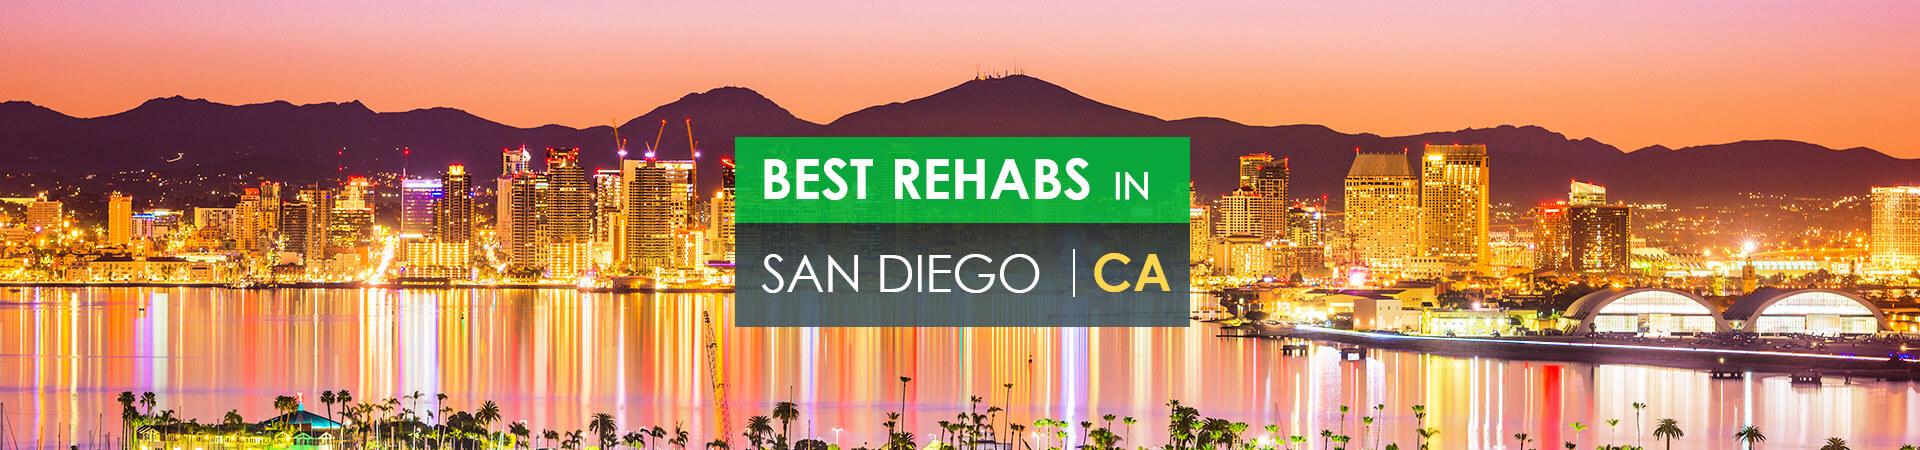 Best rehabs in San Diego, CA